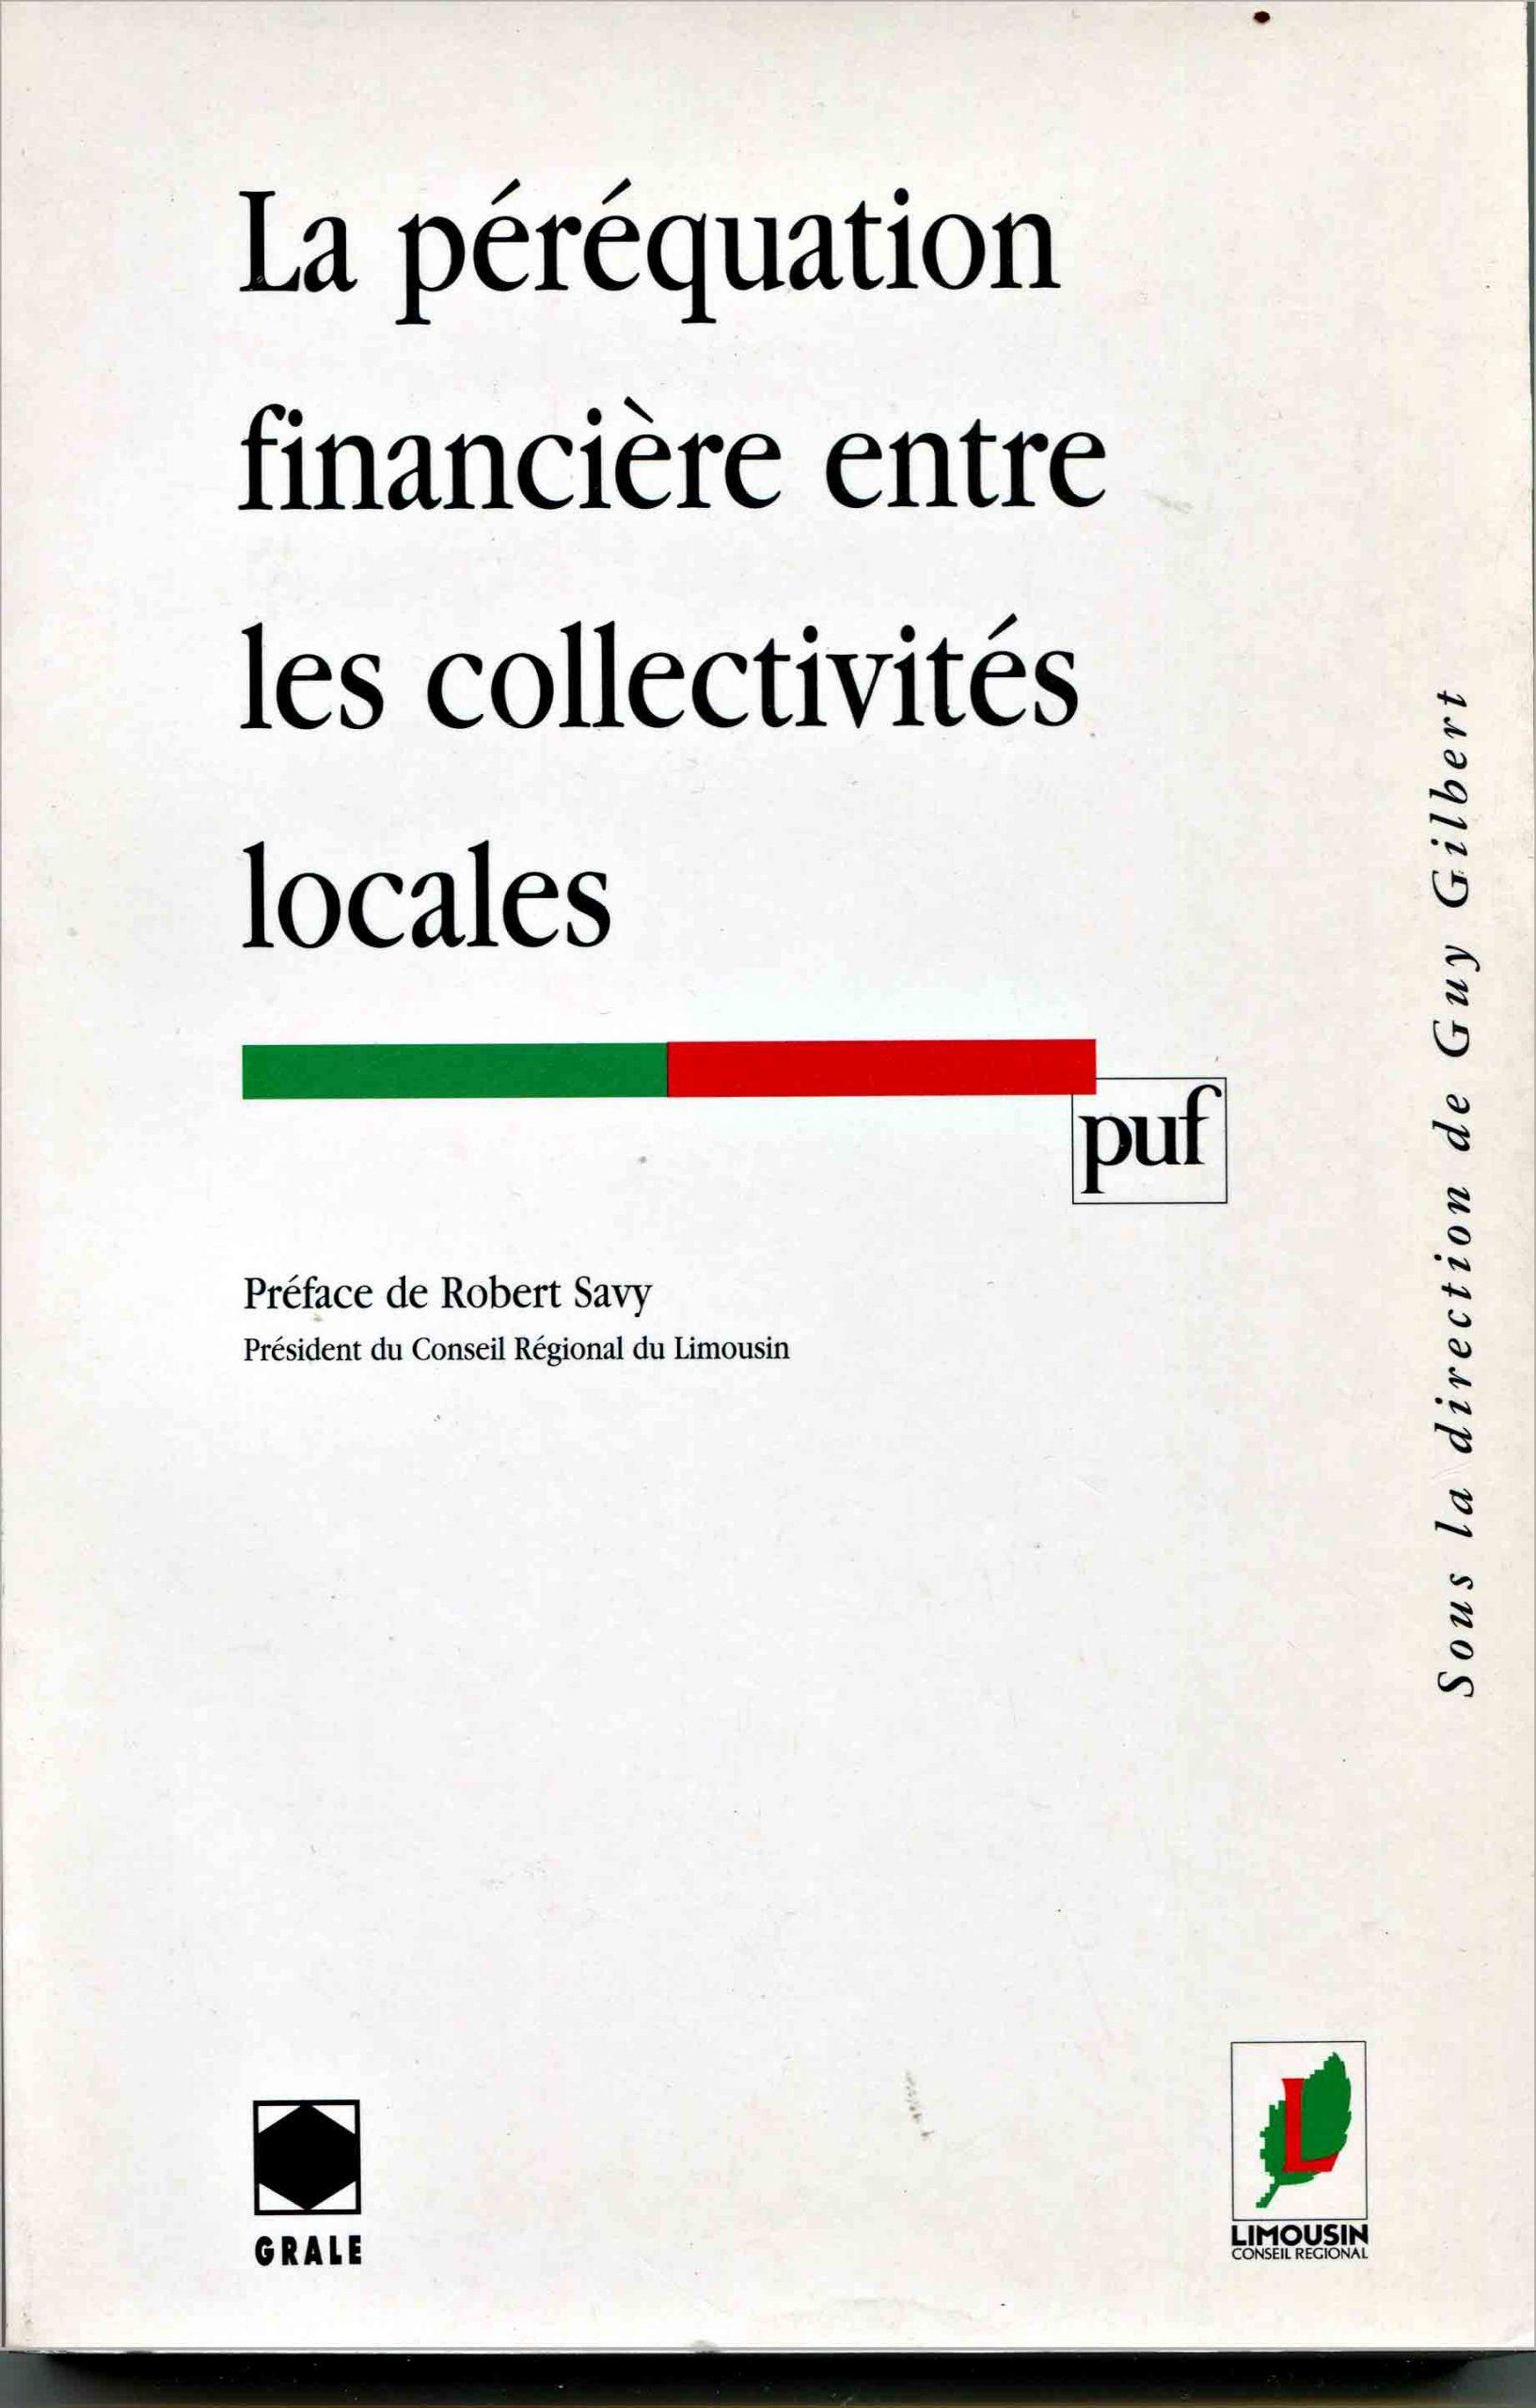 Péréquation financière entre les collectivités locales (La)